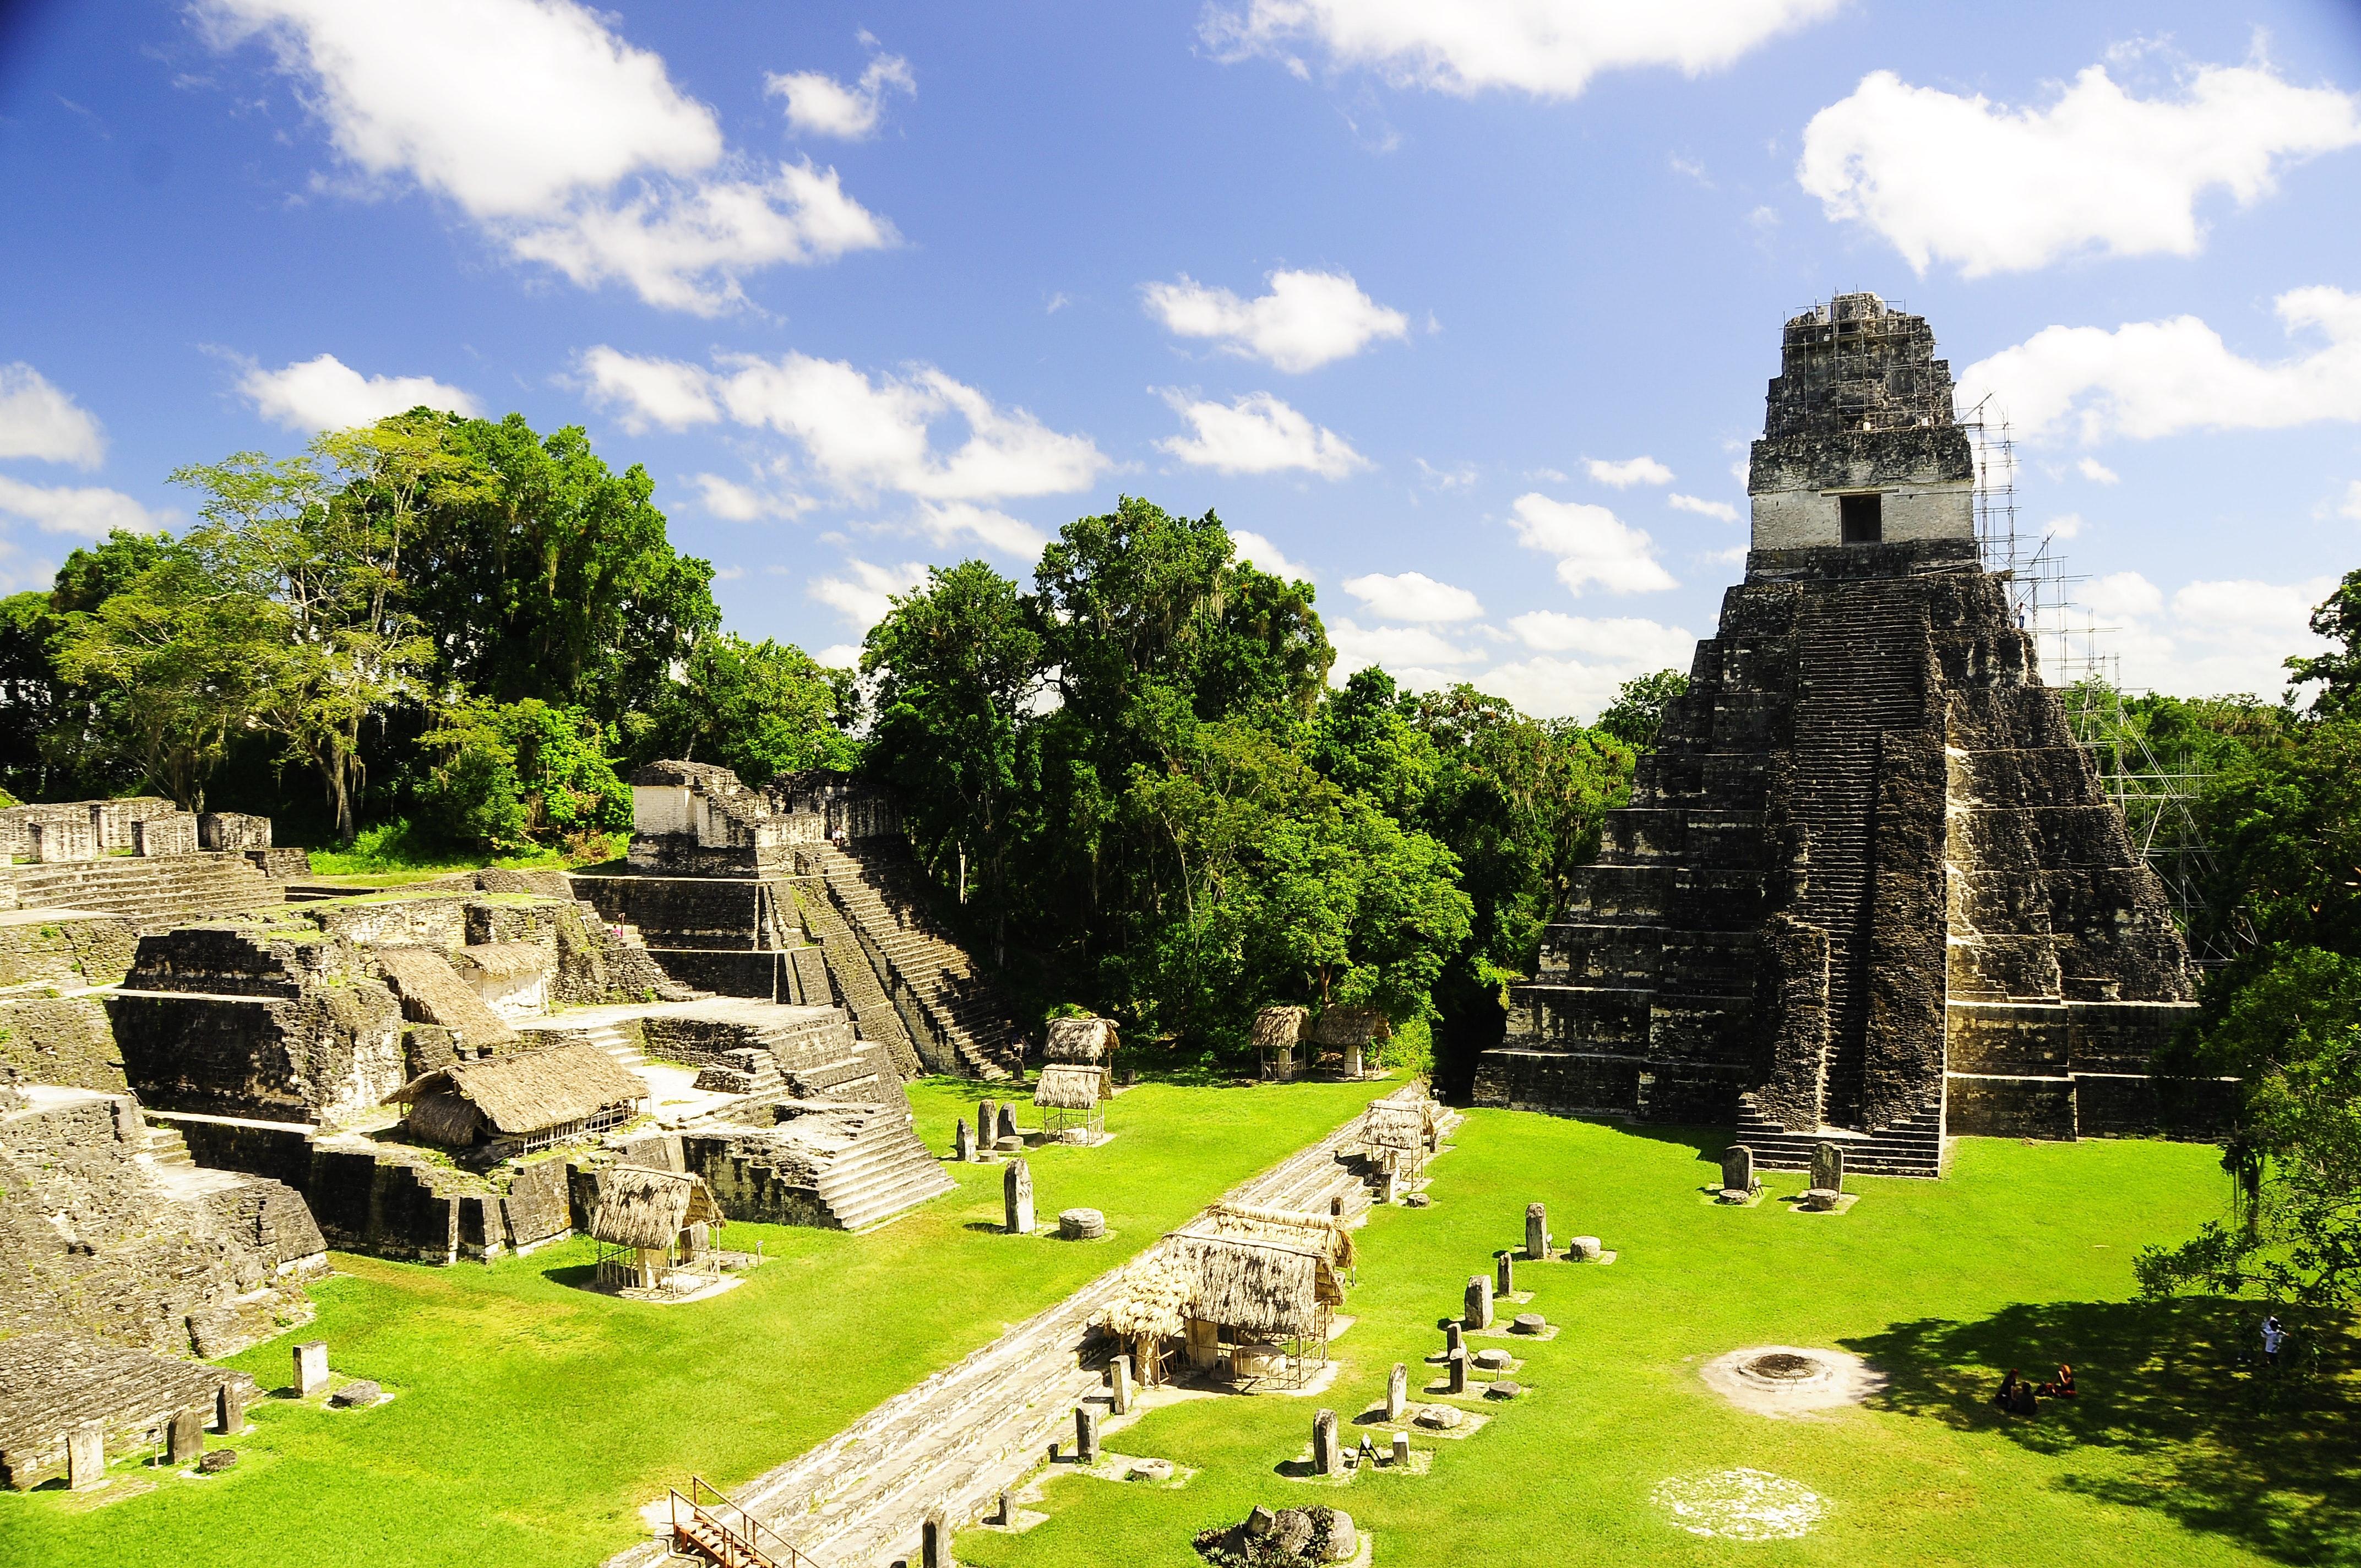 Mayan Ruins of Tikal Photo by Hector Pineda